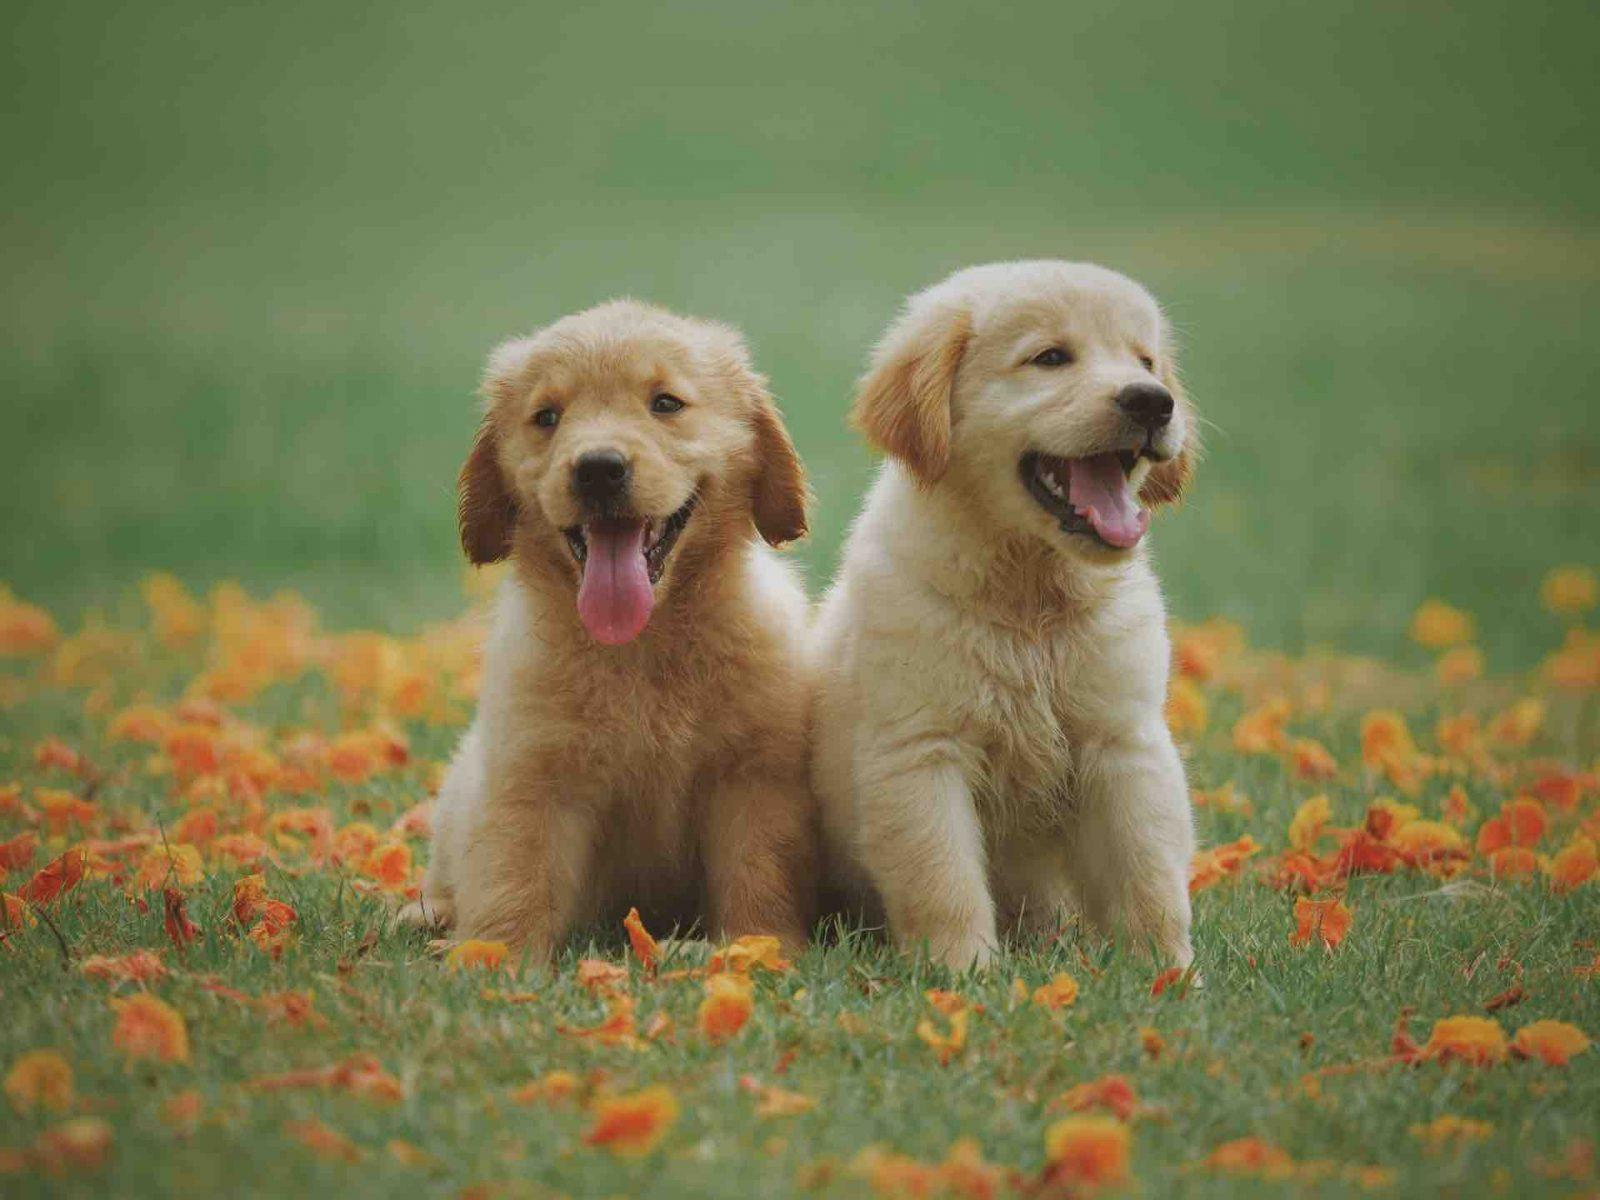 Un chien avec son propriétaire heureux par Respectdogs